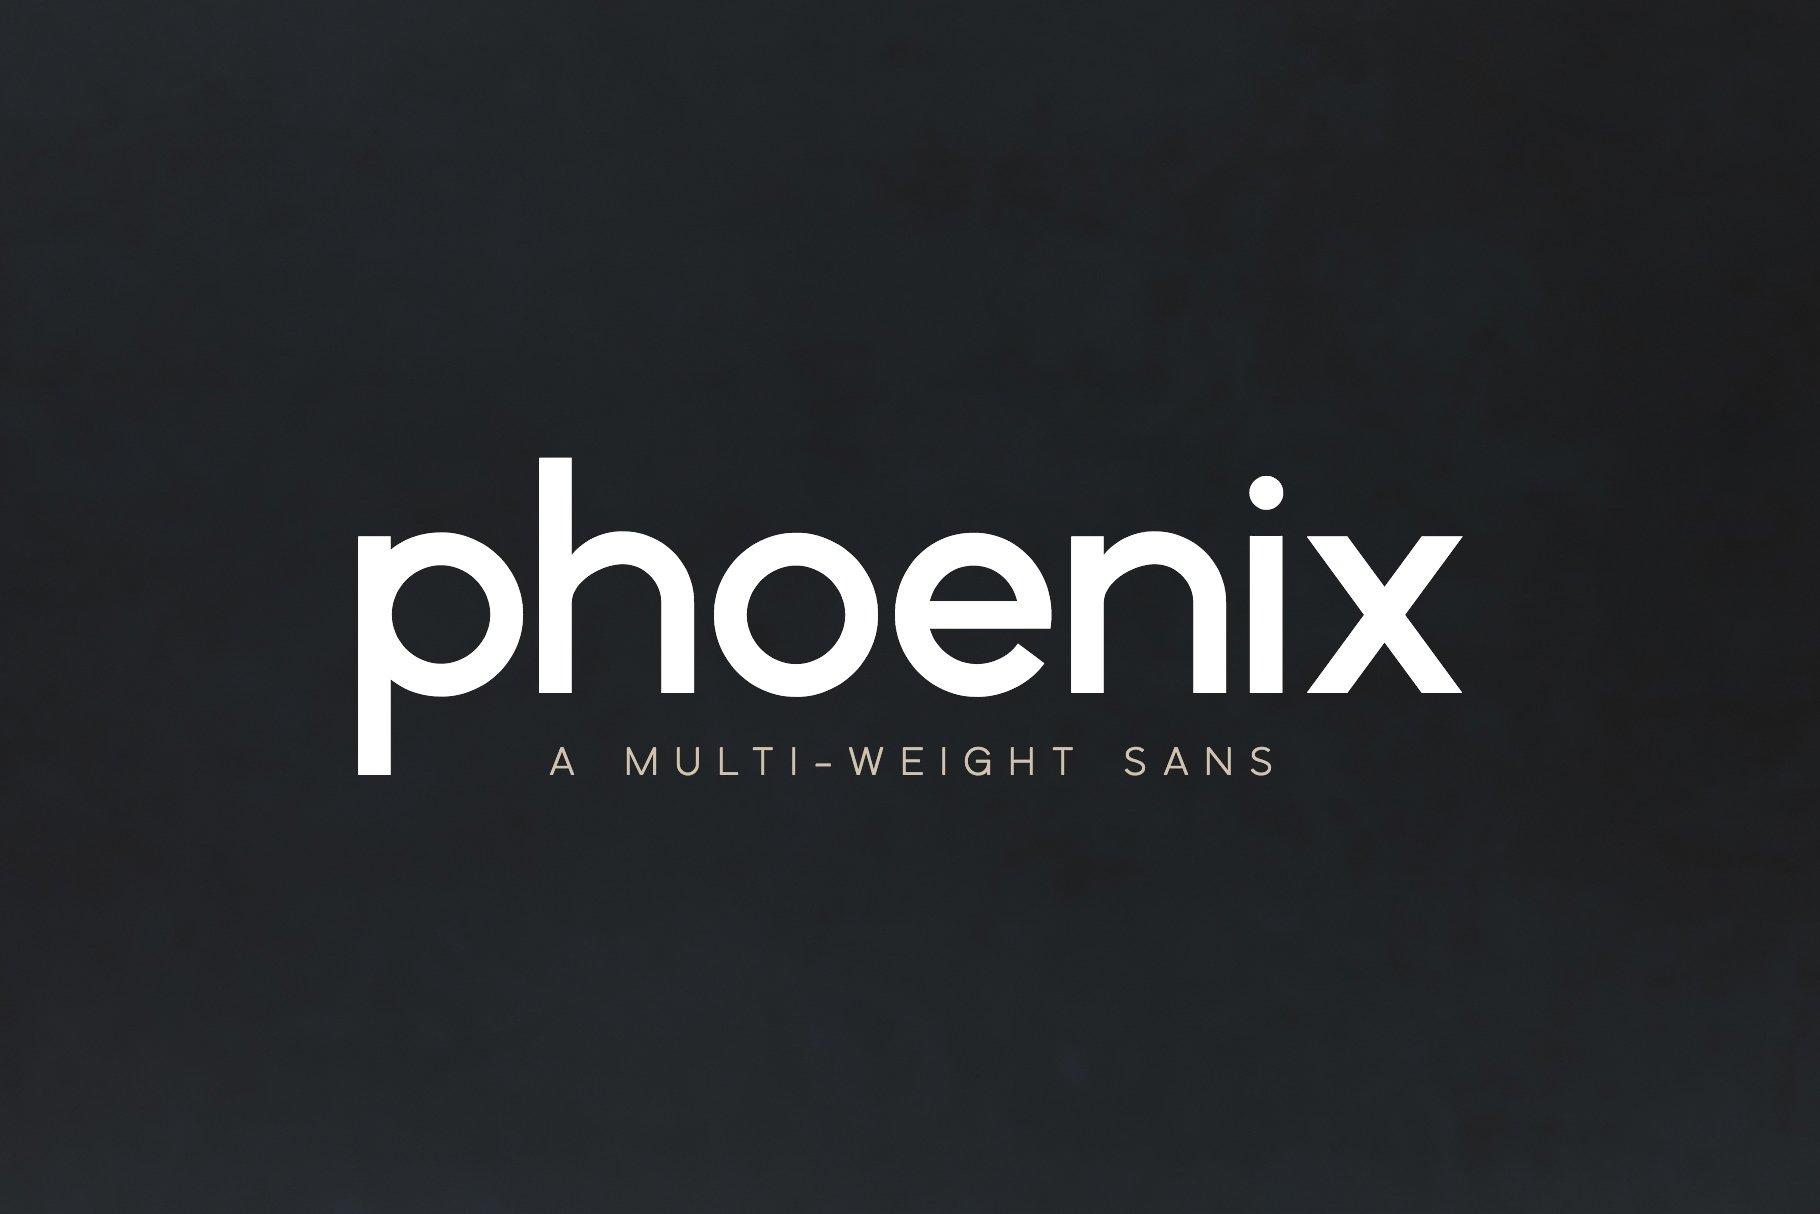 Phoenix-Sans-Serif-Font-www.mockuphill.com